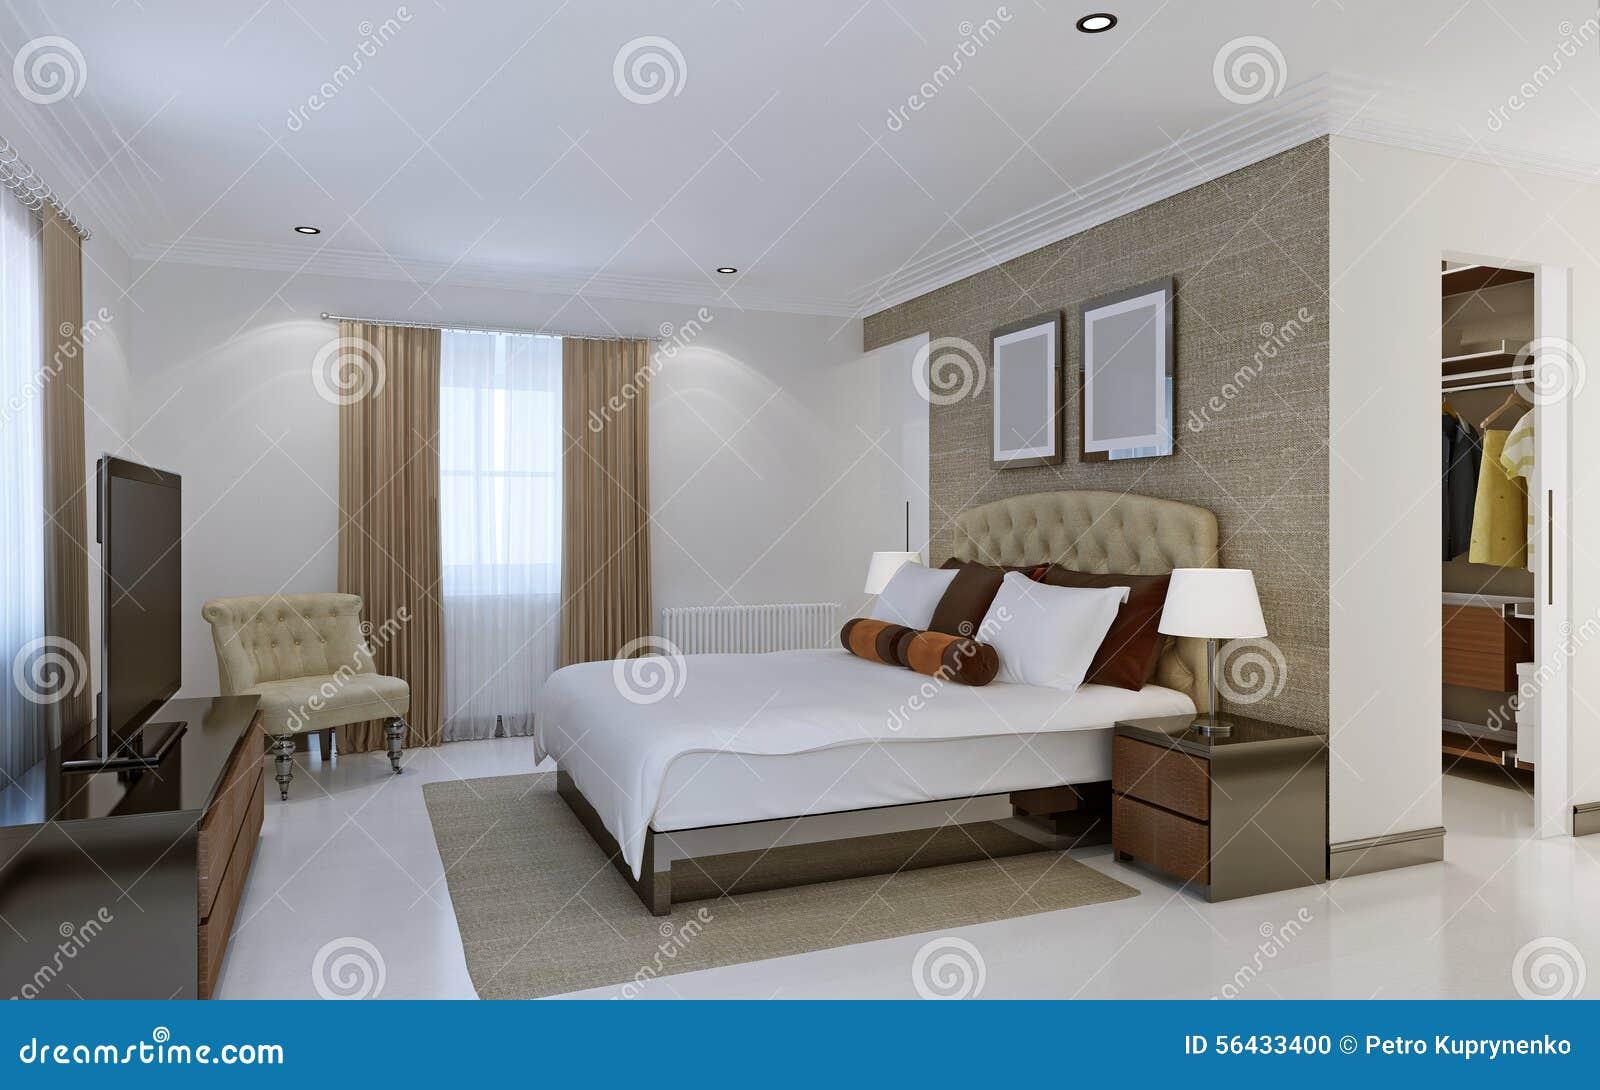 Kleedkamer In Slaapkamer : Heldere slaapkamer met kleedkamer stock foto afbeelding bestaande